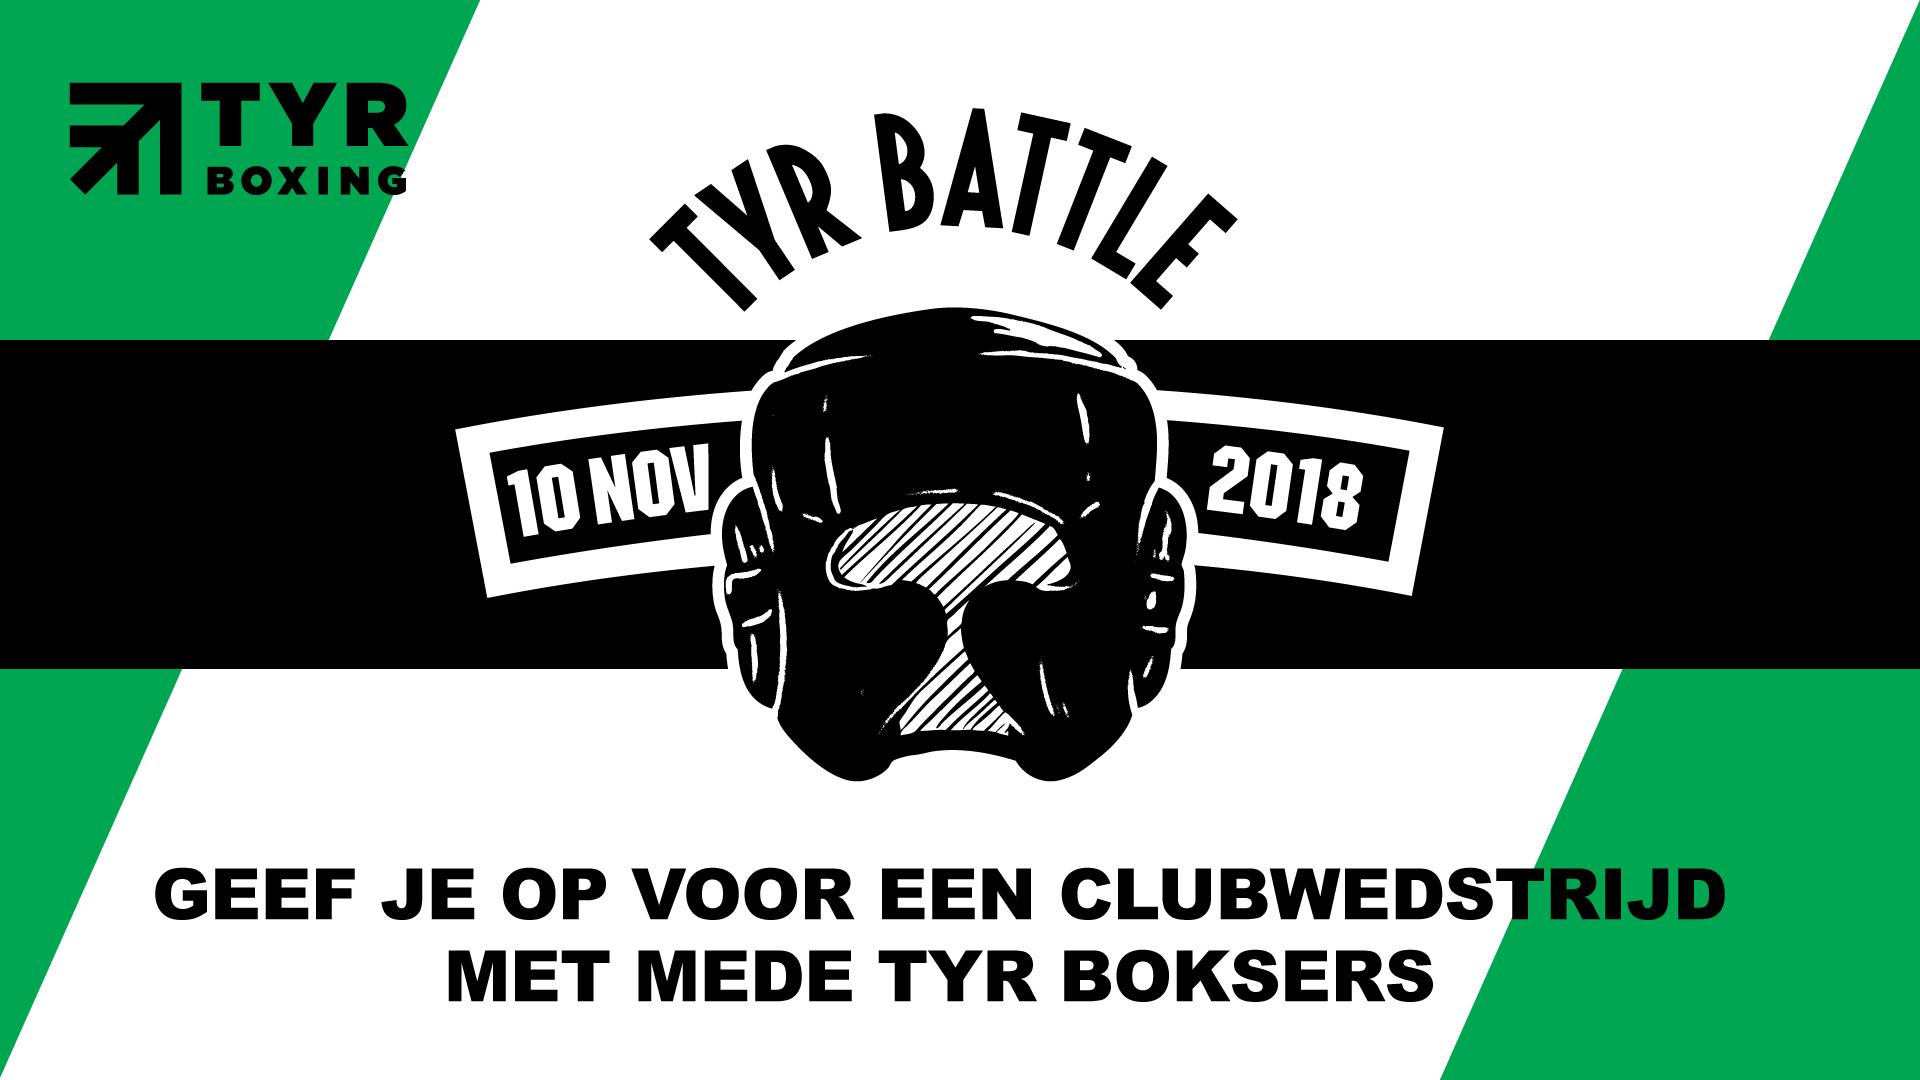 Geef je op voor de TYR Battle - No Knock Out op 11 nov 12.00 uur!!